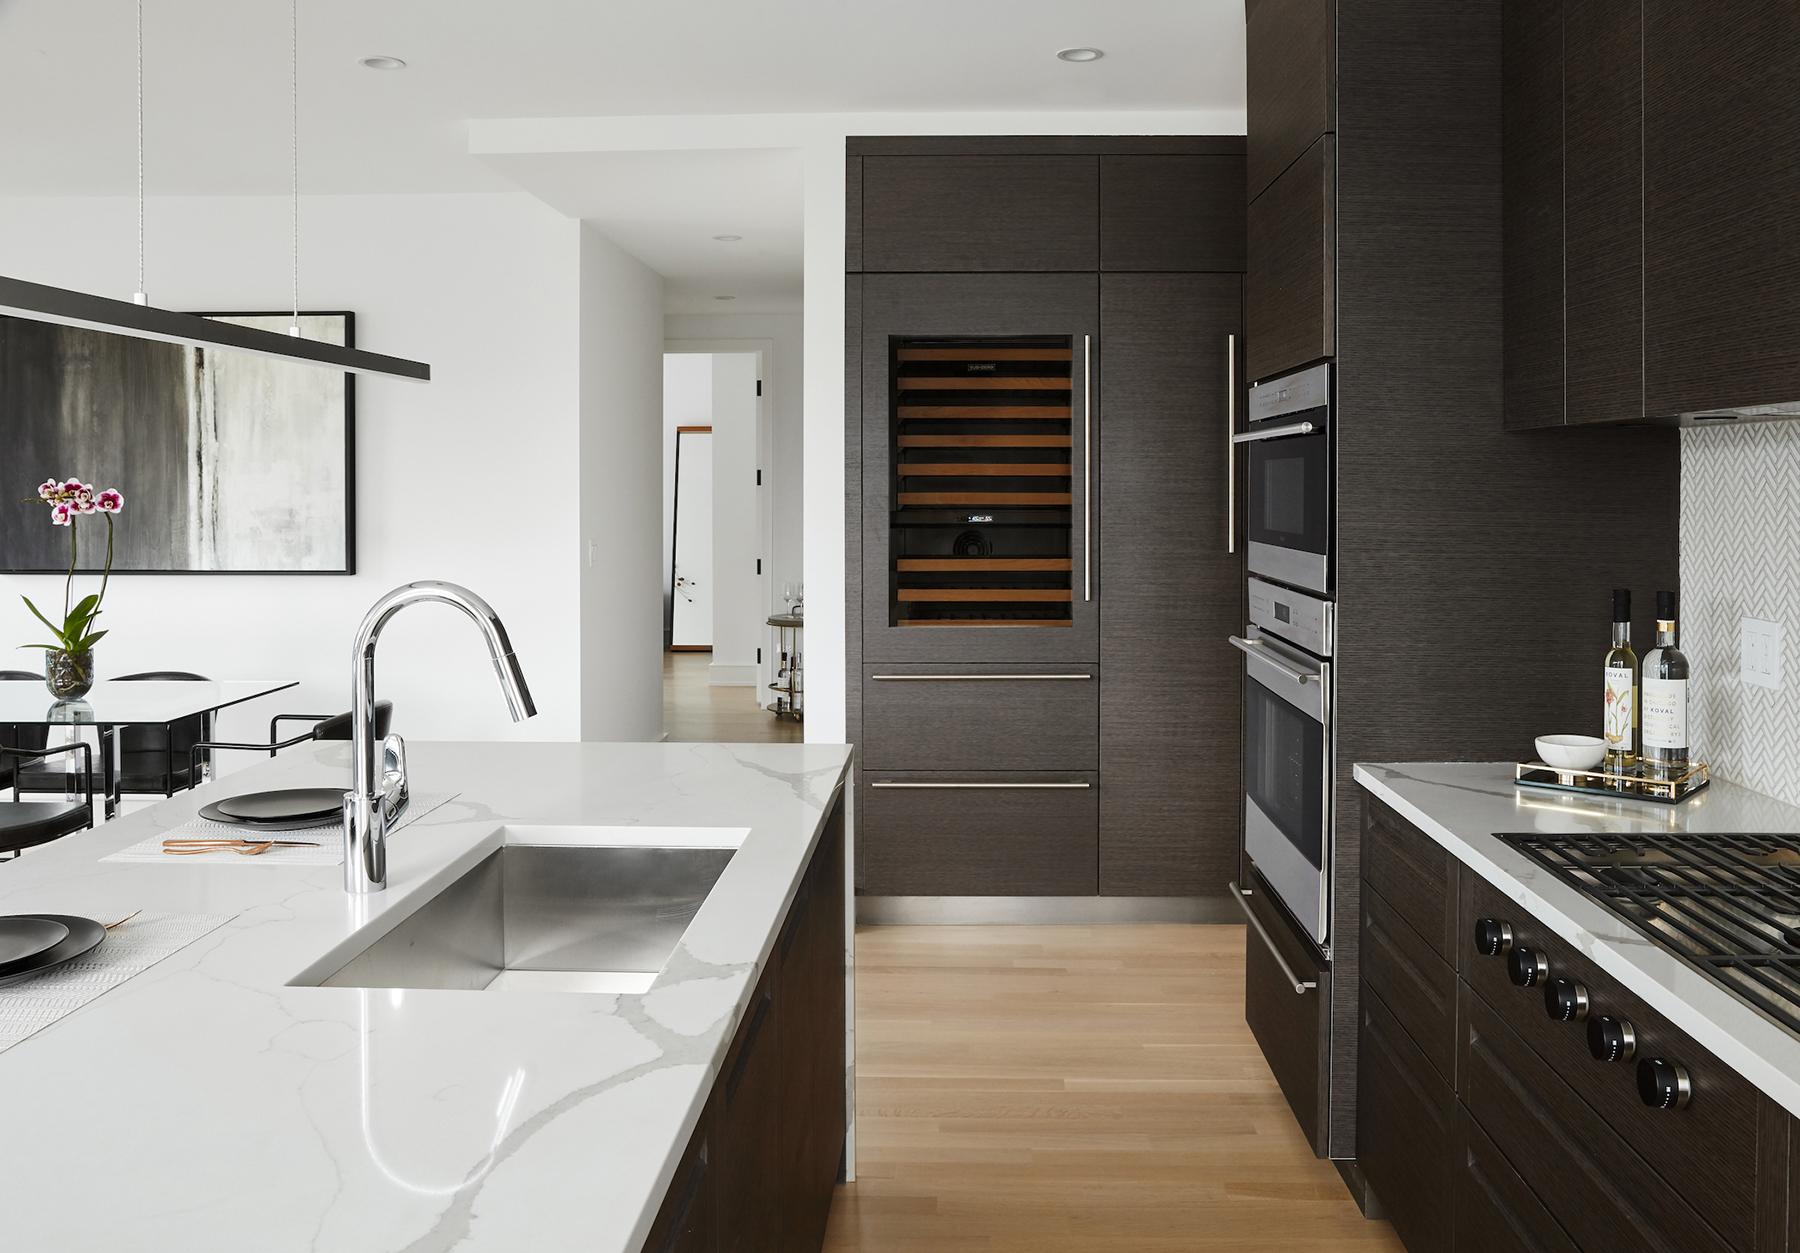 Lincoln Park Luxury Apartment Interior